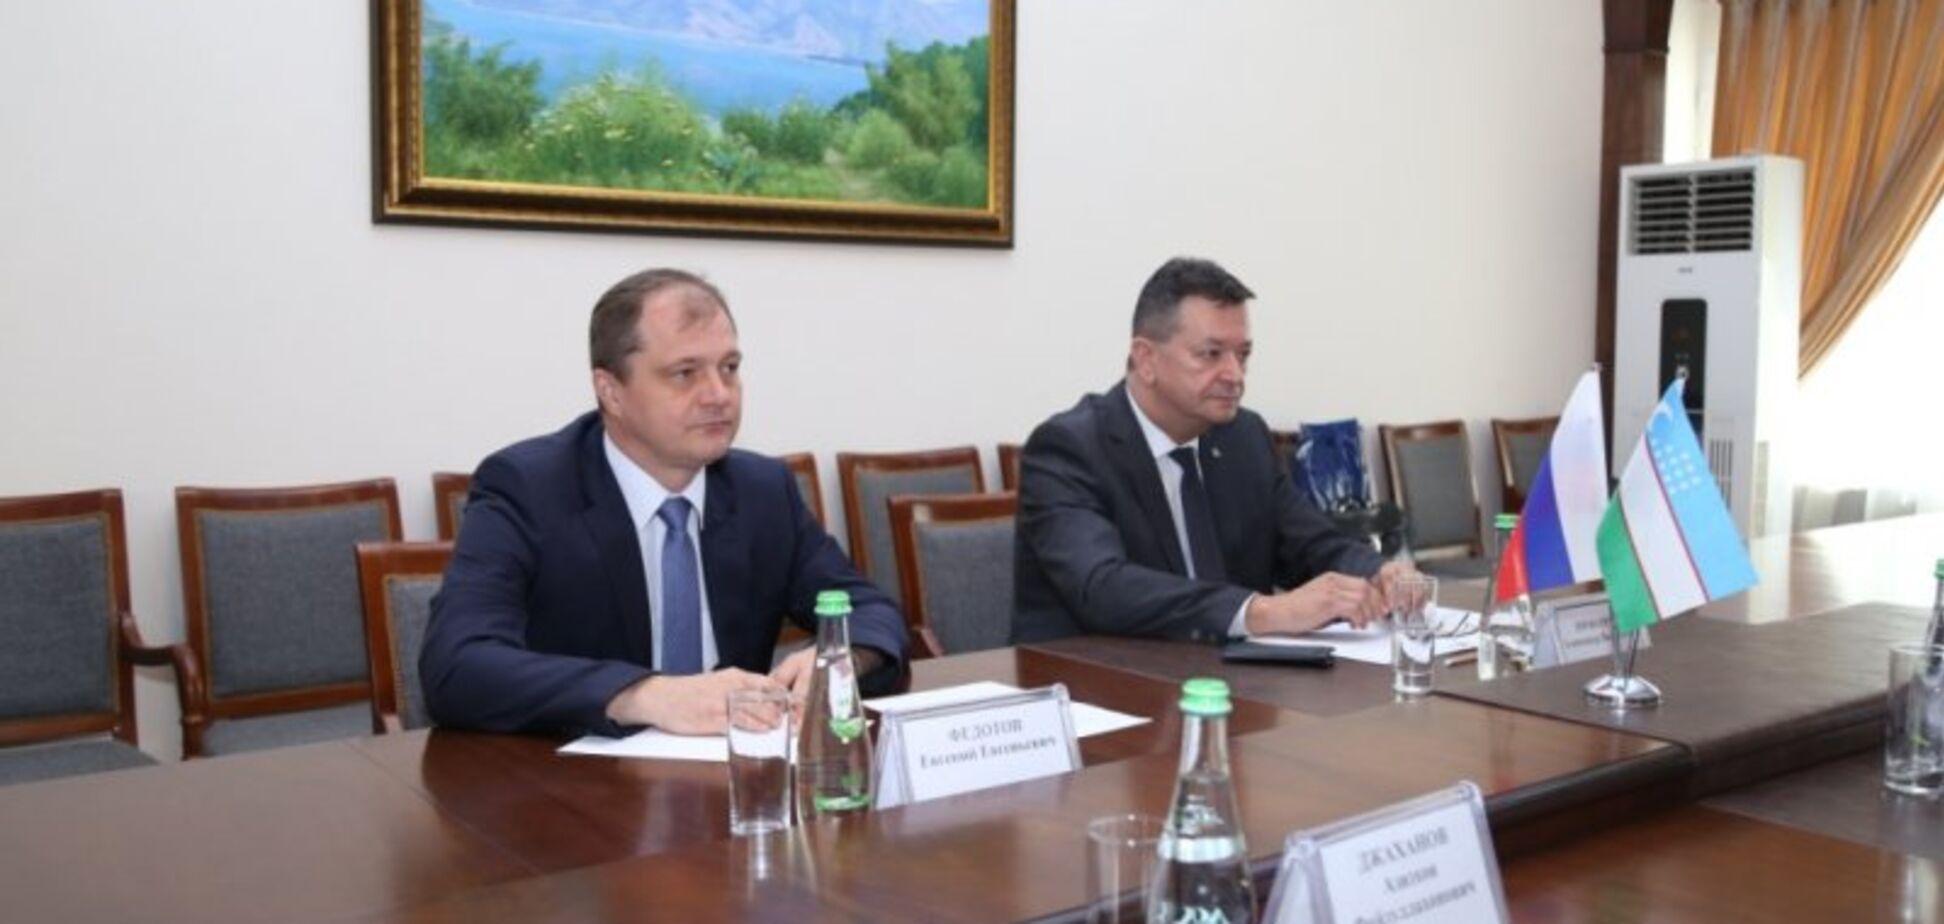 Скандал через Росію в Інтерполі: Україна може піти на радикальні заходи